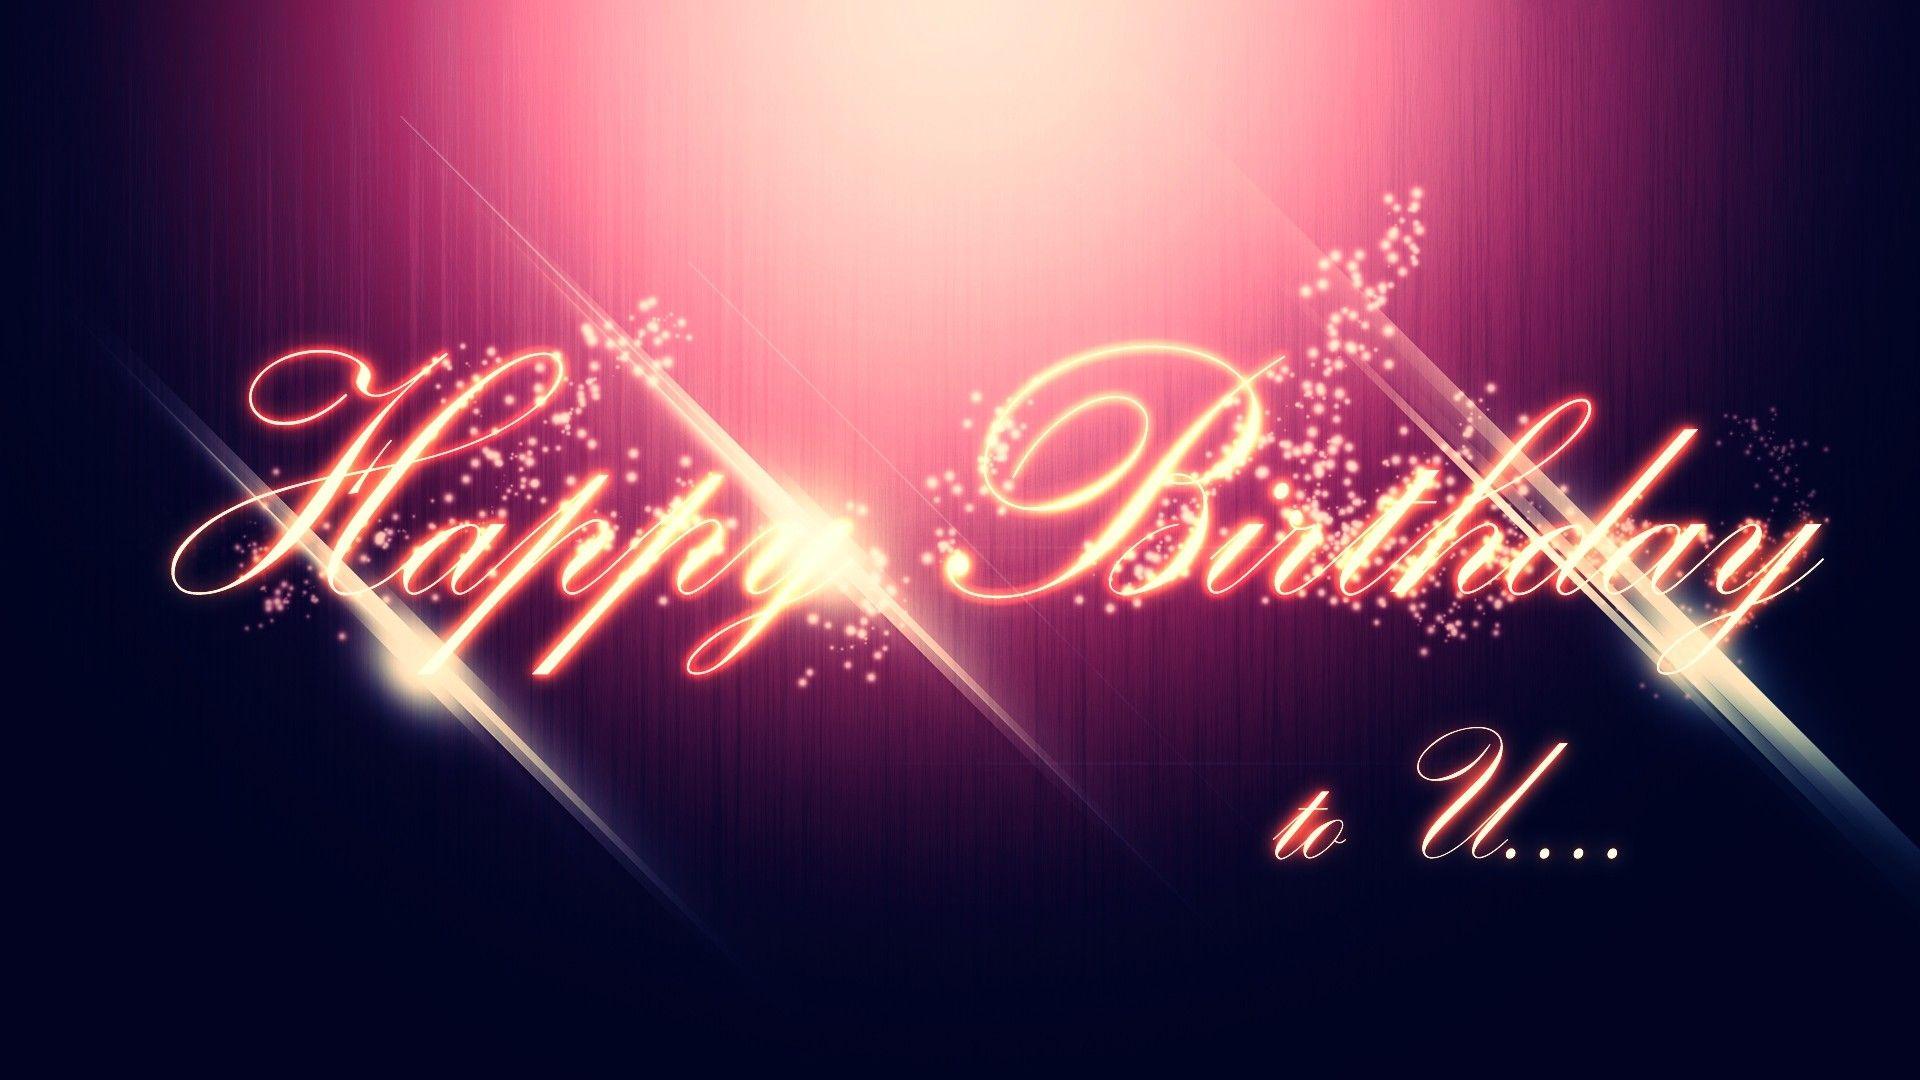 httphappybirthdaywishesonline Birthday – Live Happy Birthday Cards